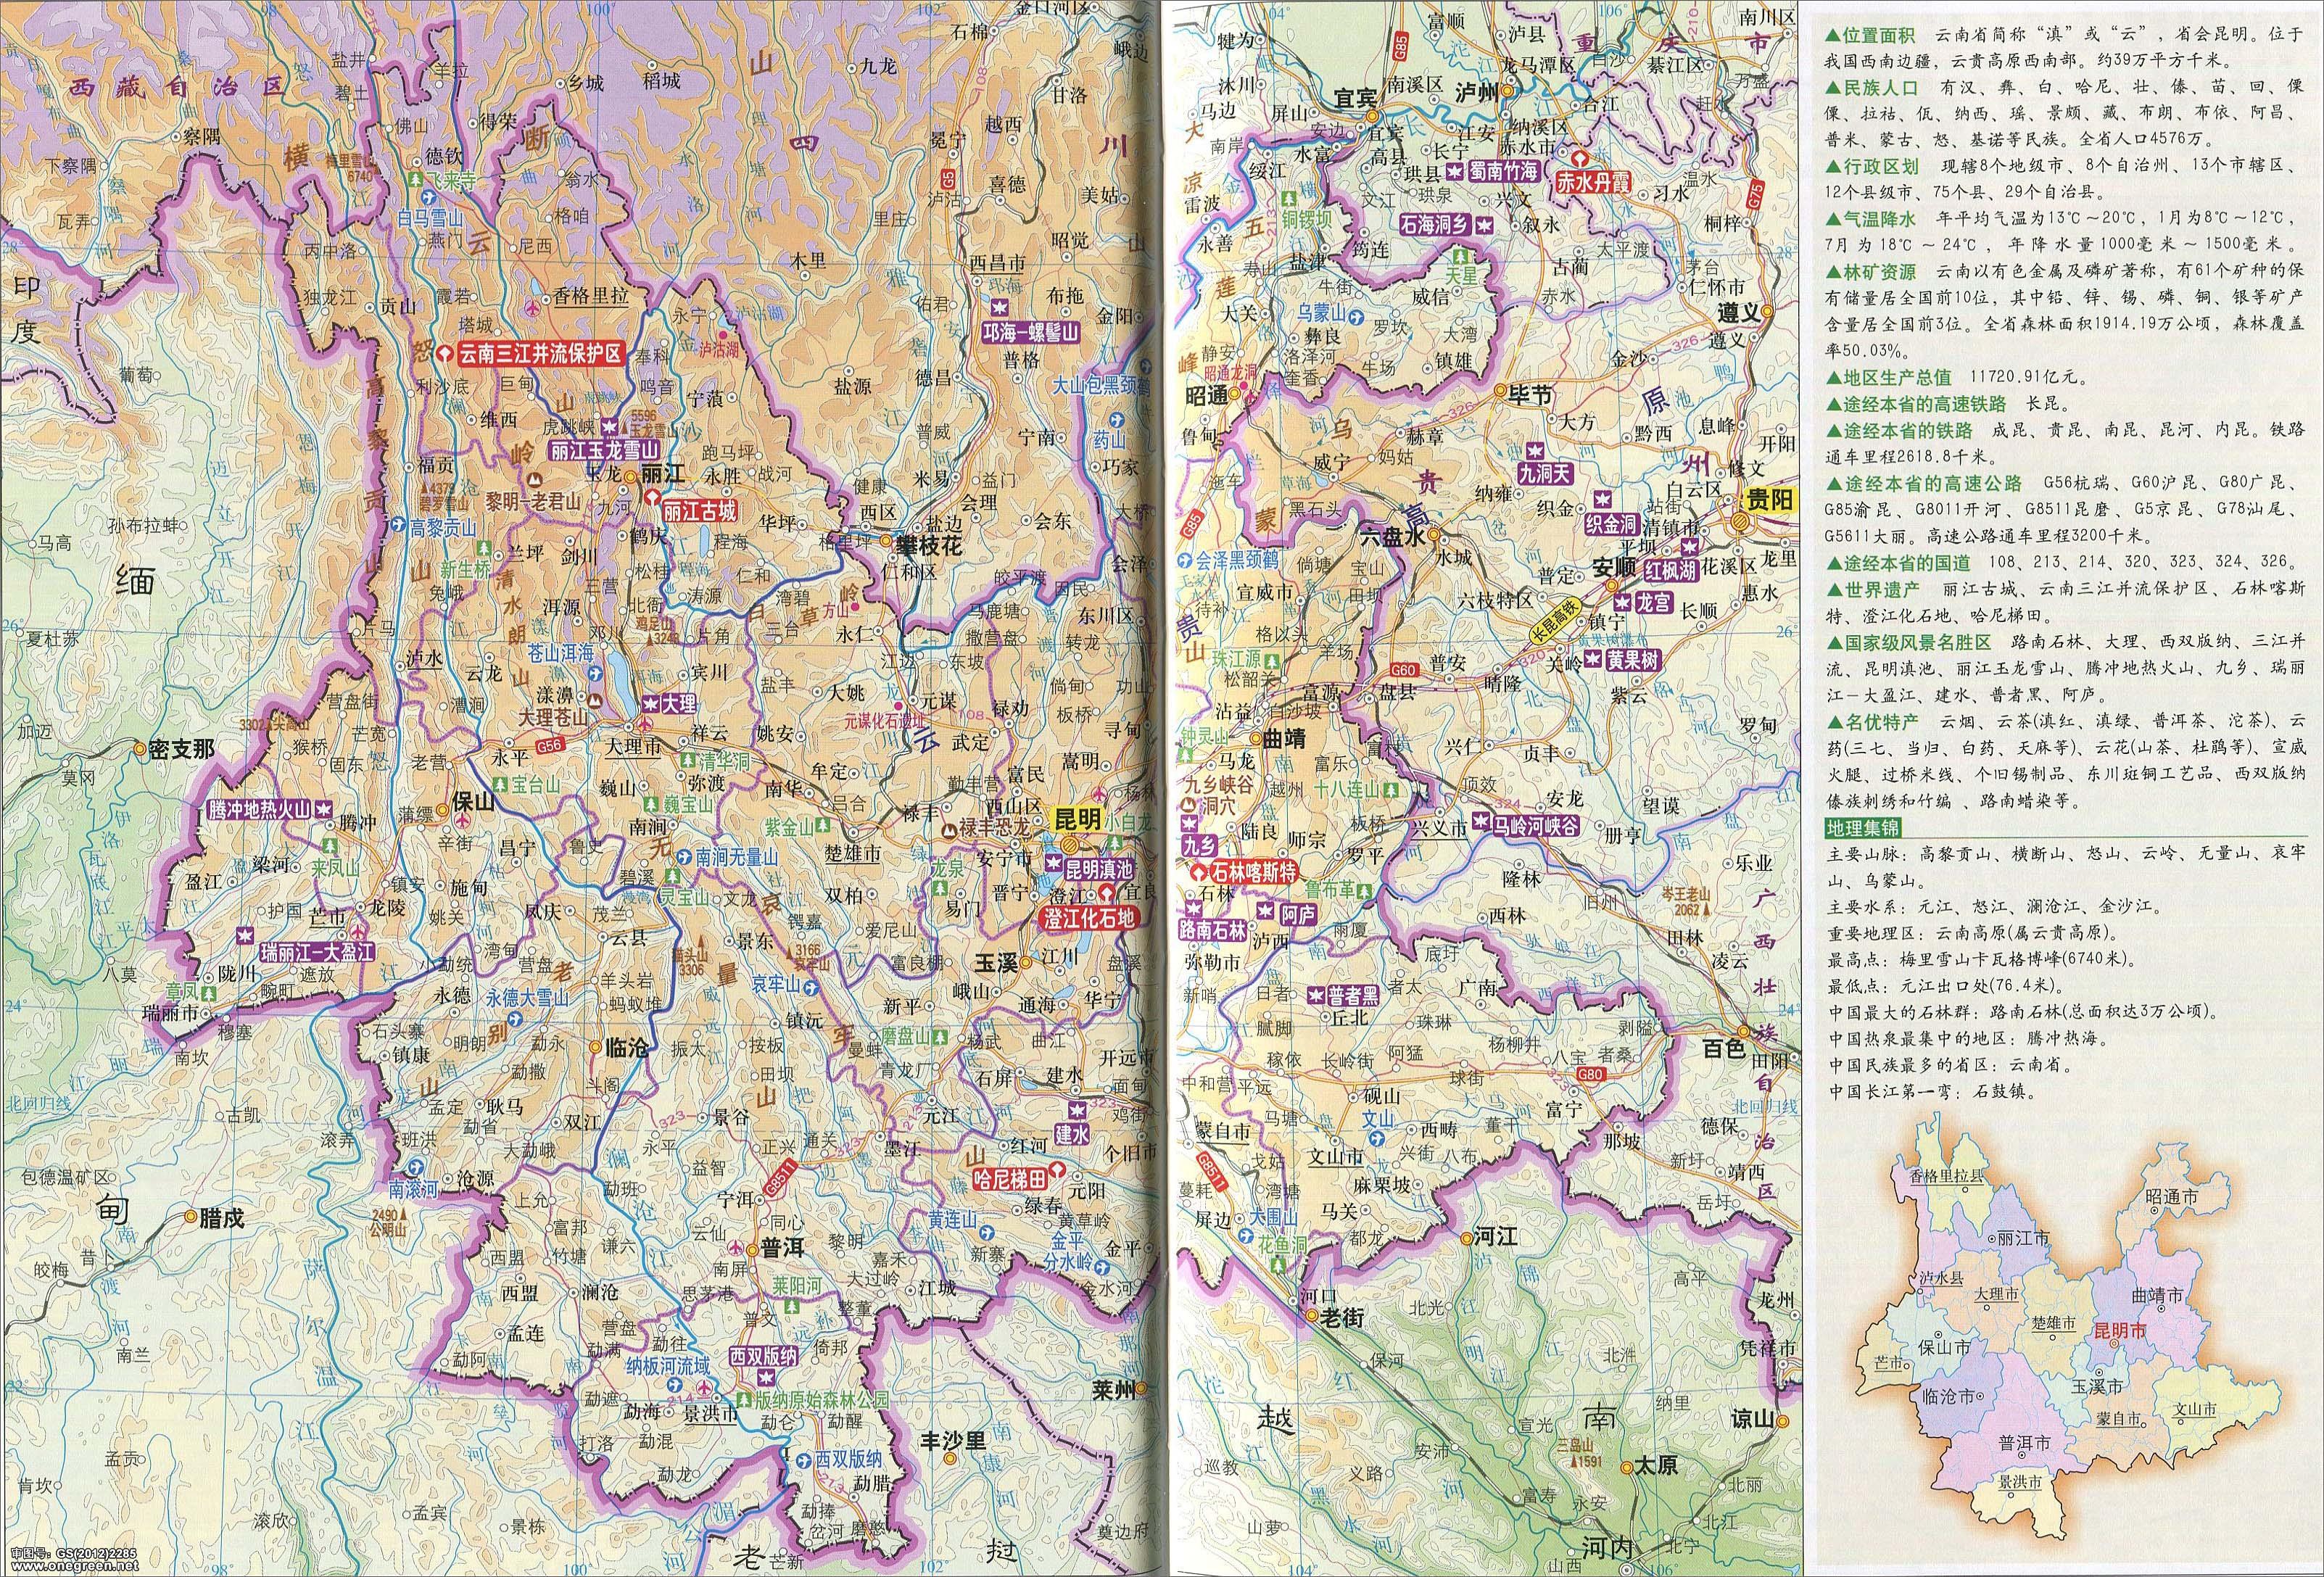 云南地图地形版